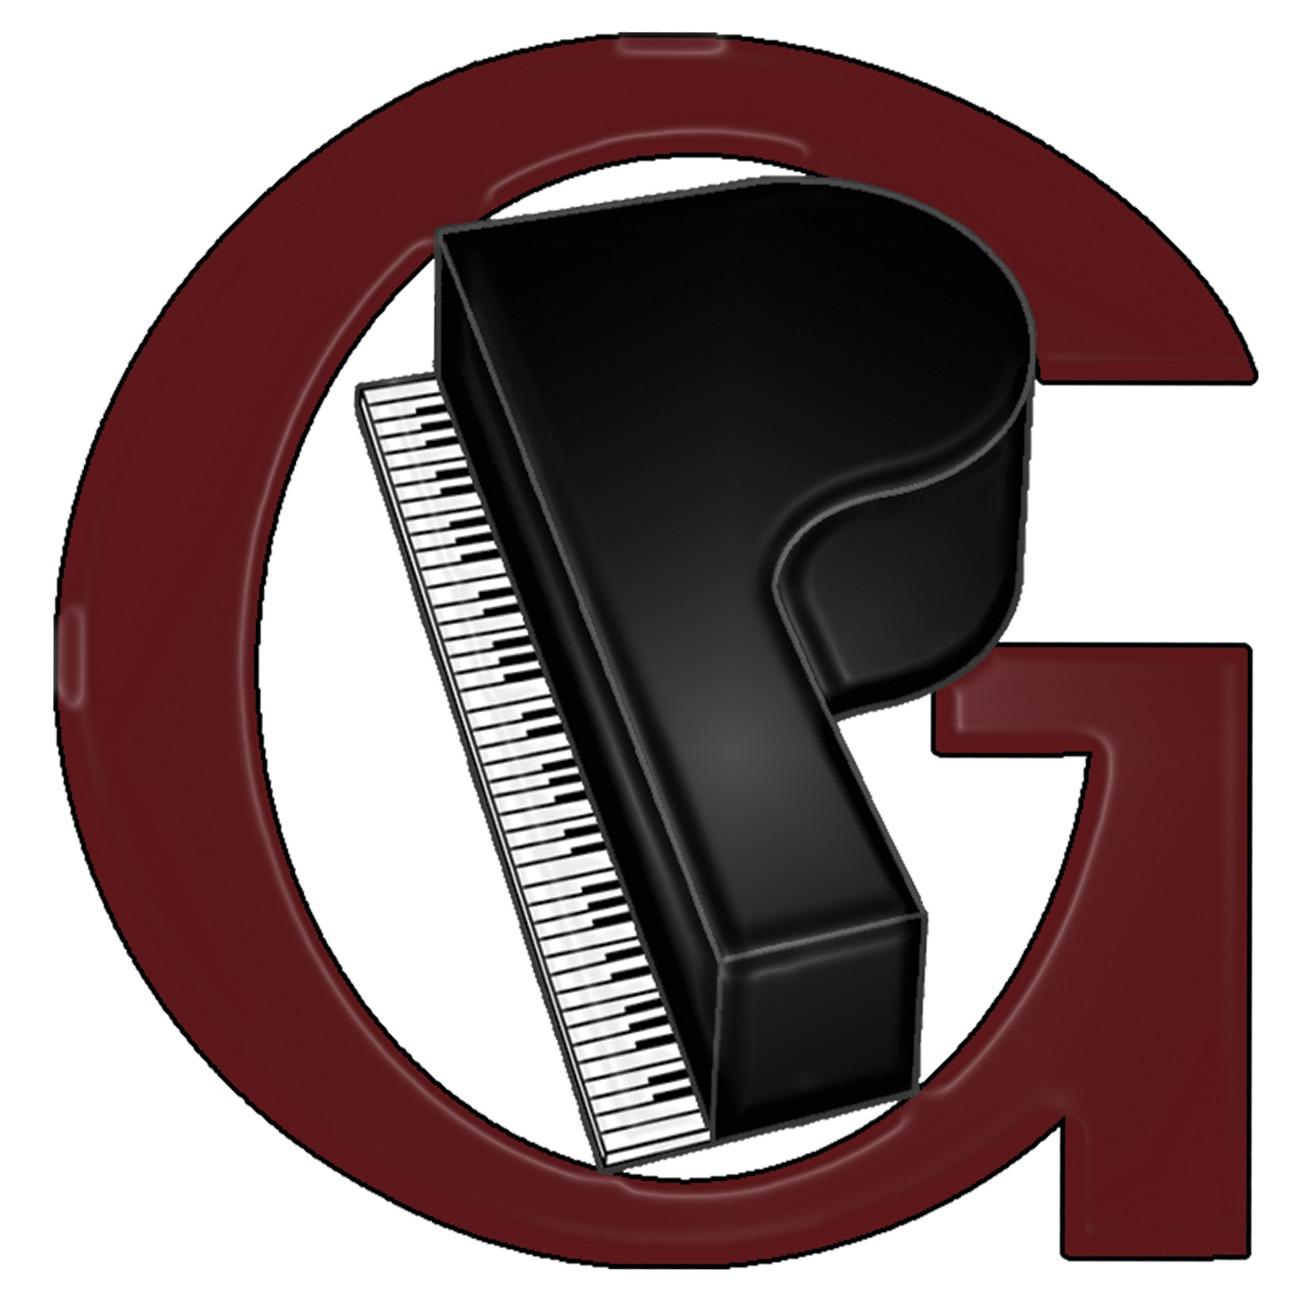 PIANOS_GARRIDO_COM